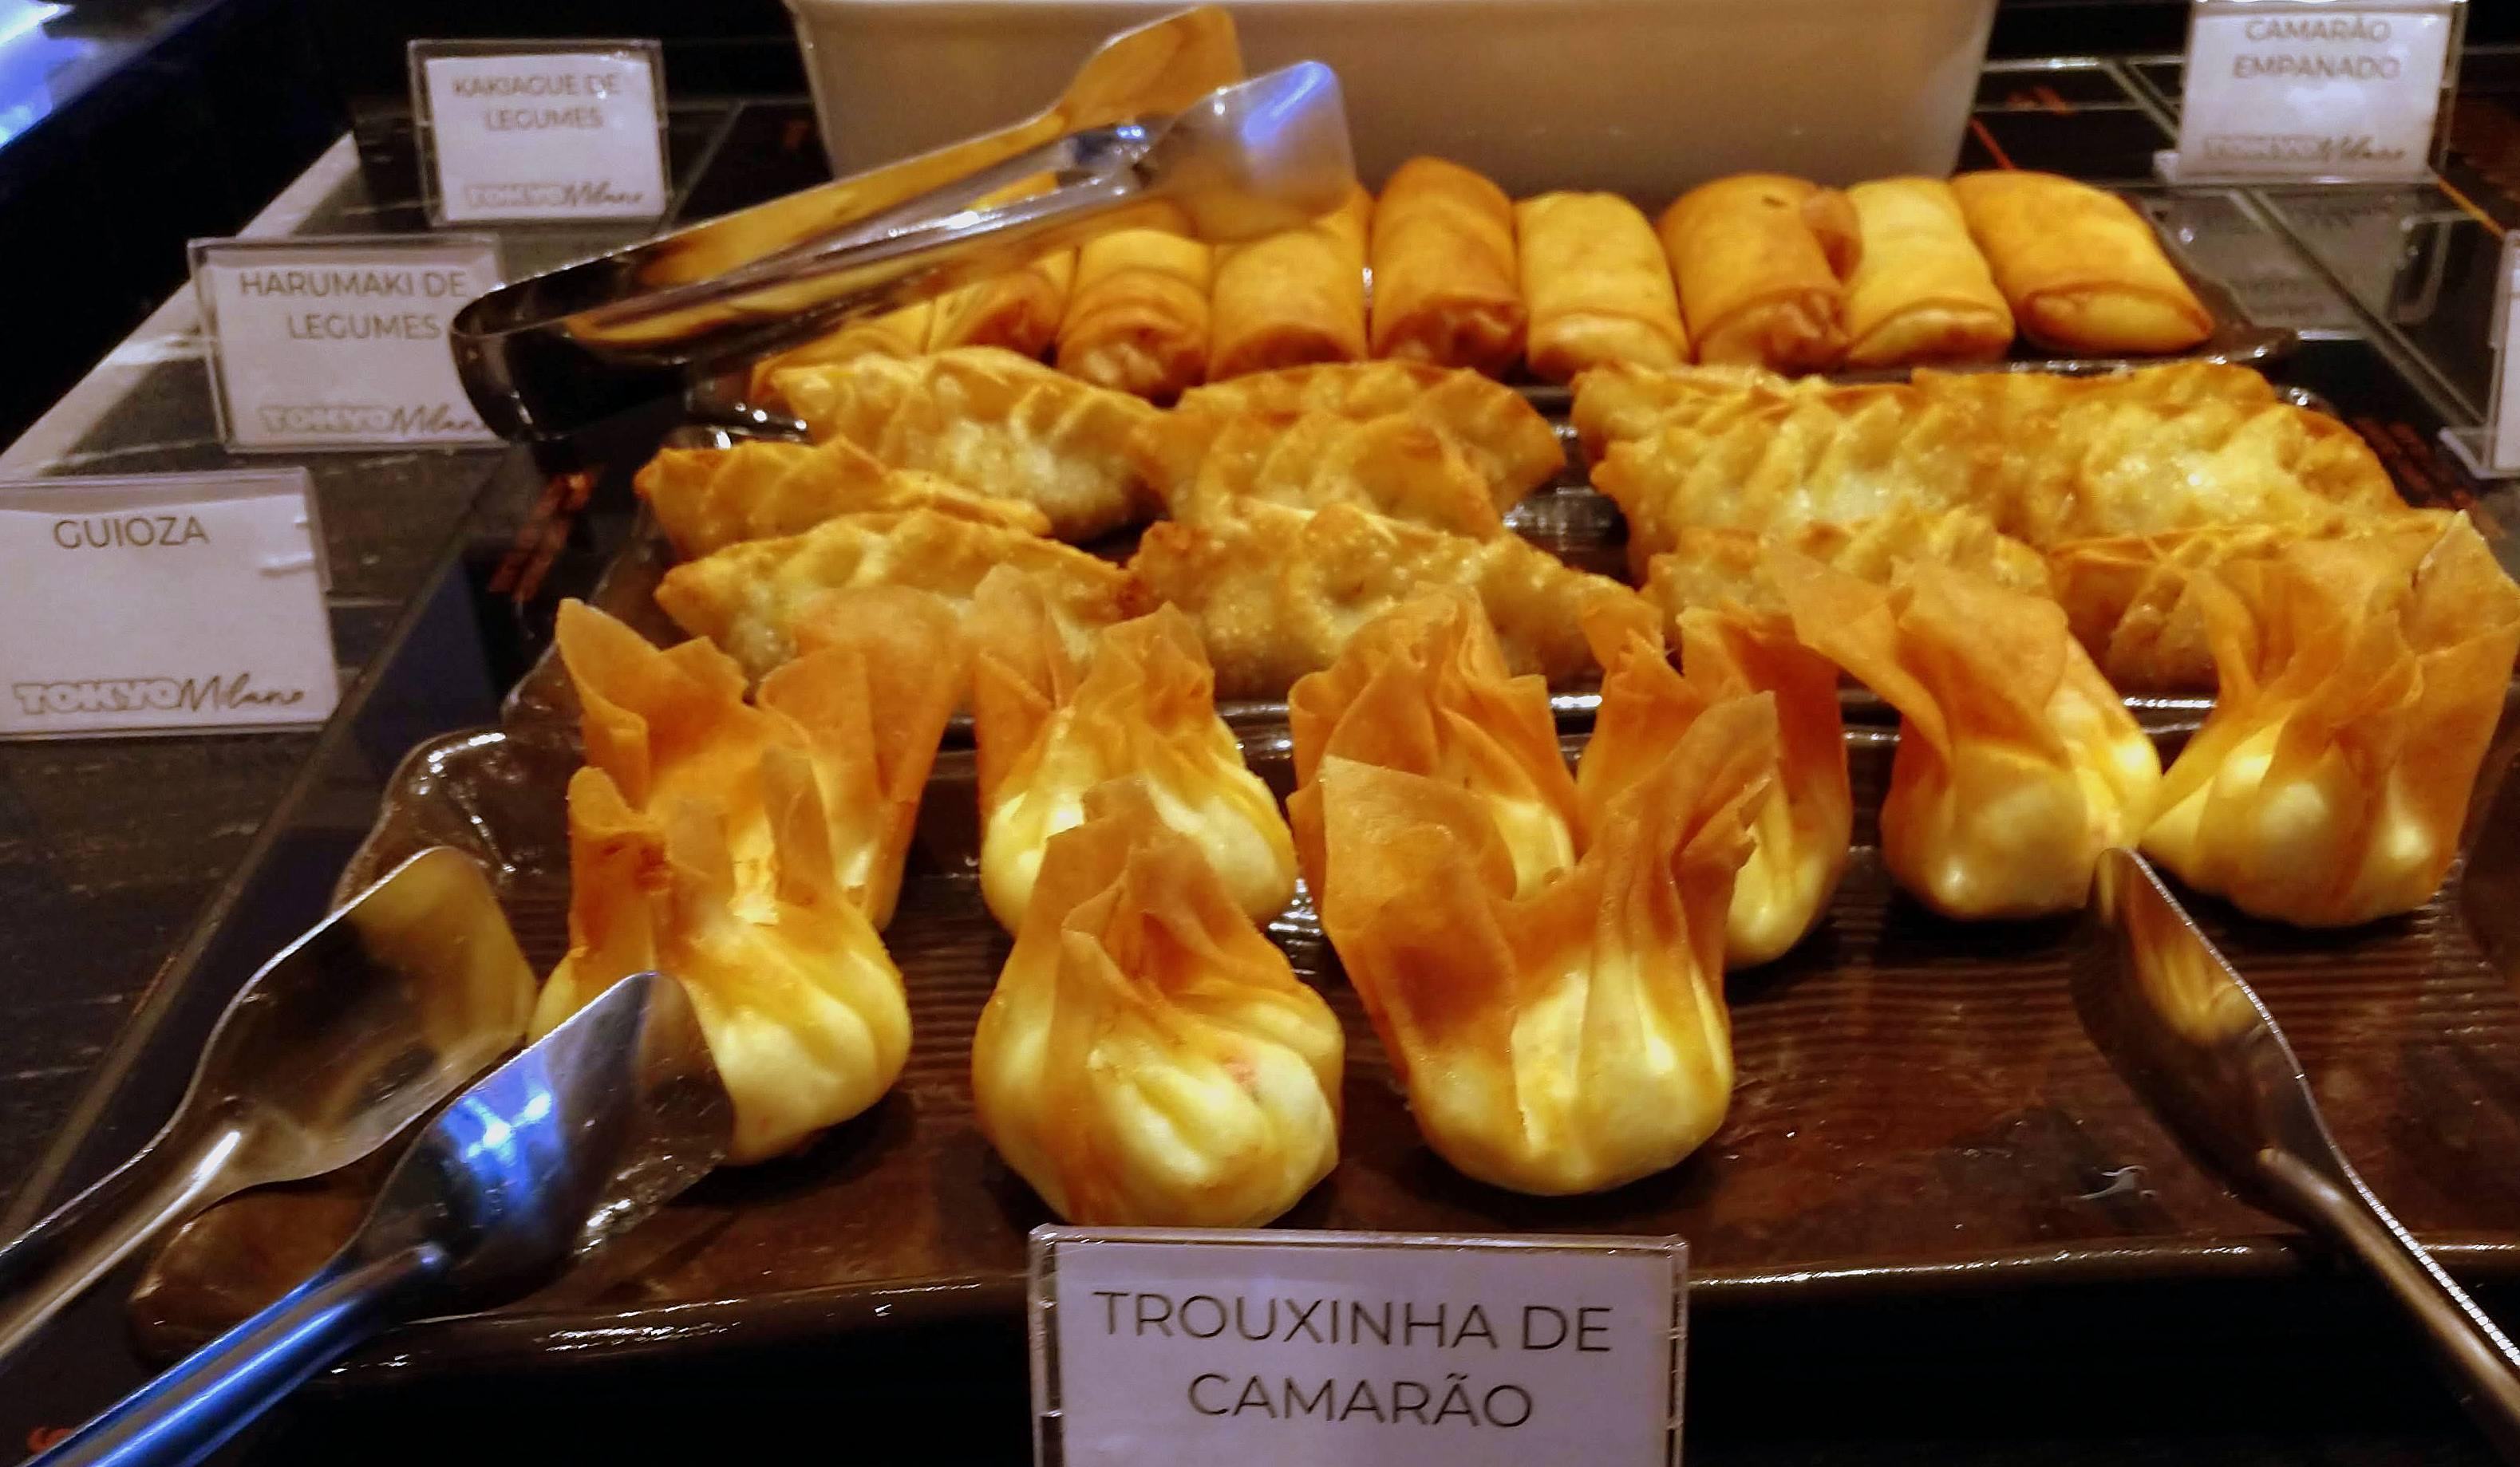 Trouxinha de camarão e mais alguns dos pratos quentes do bufê do Tokyo Milano.